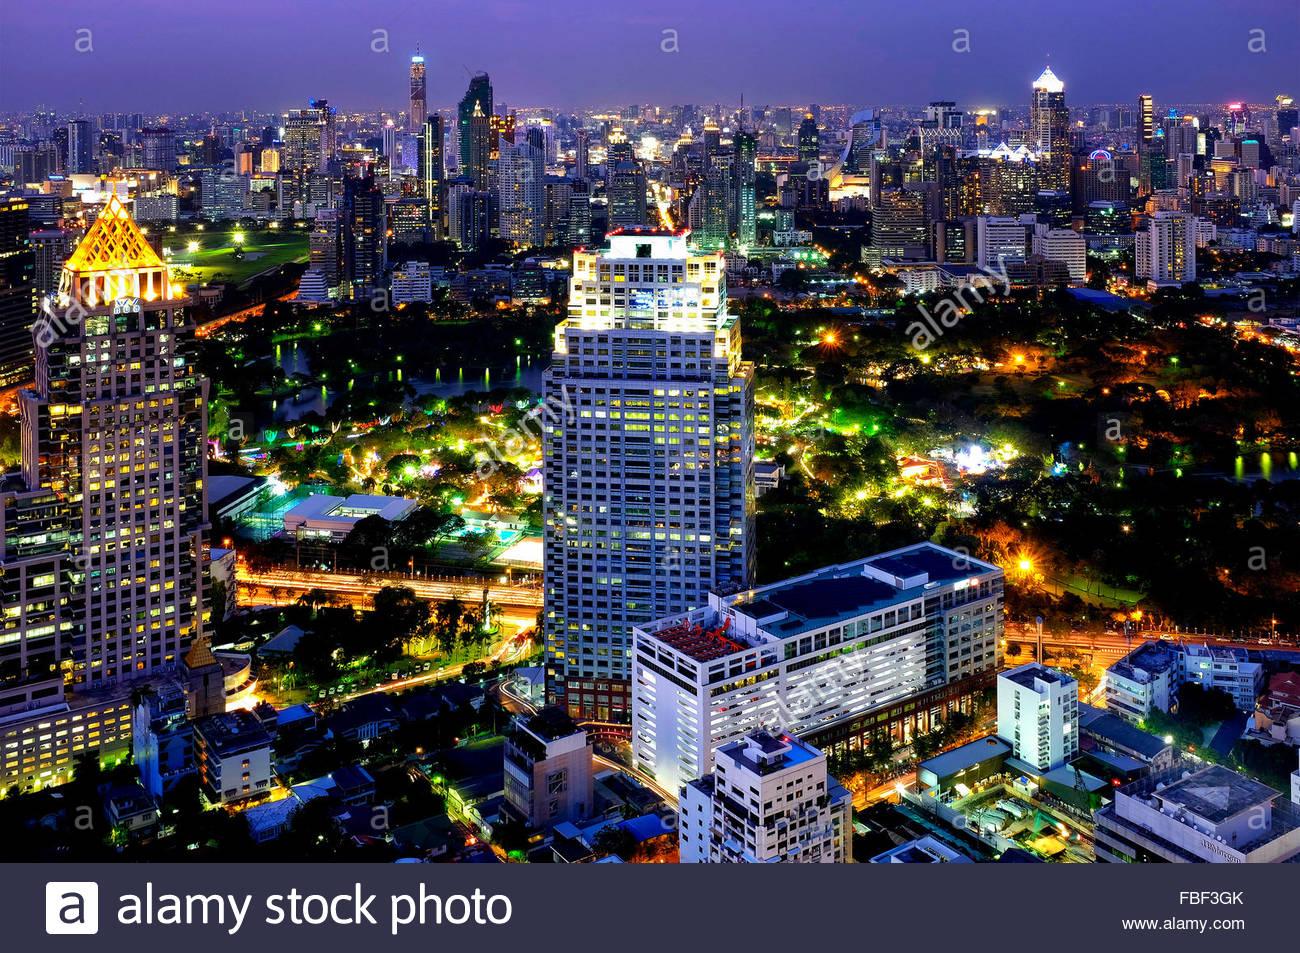 Vista de Lumphini Park desde la Luna Bar del Hotel Banyan Tree Bangkok, Tailandia Imagen De Stock